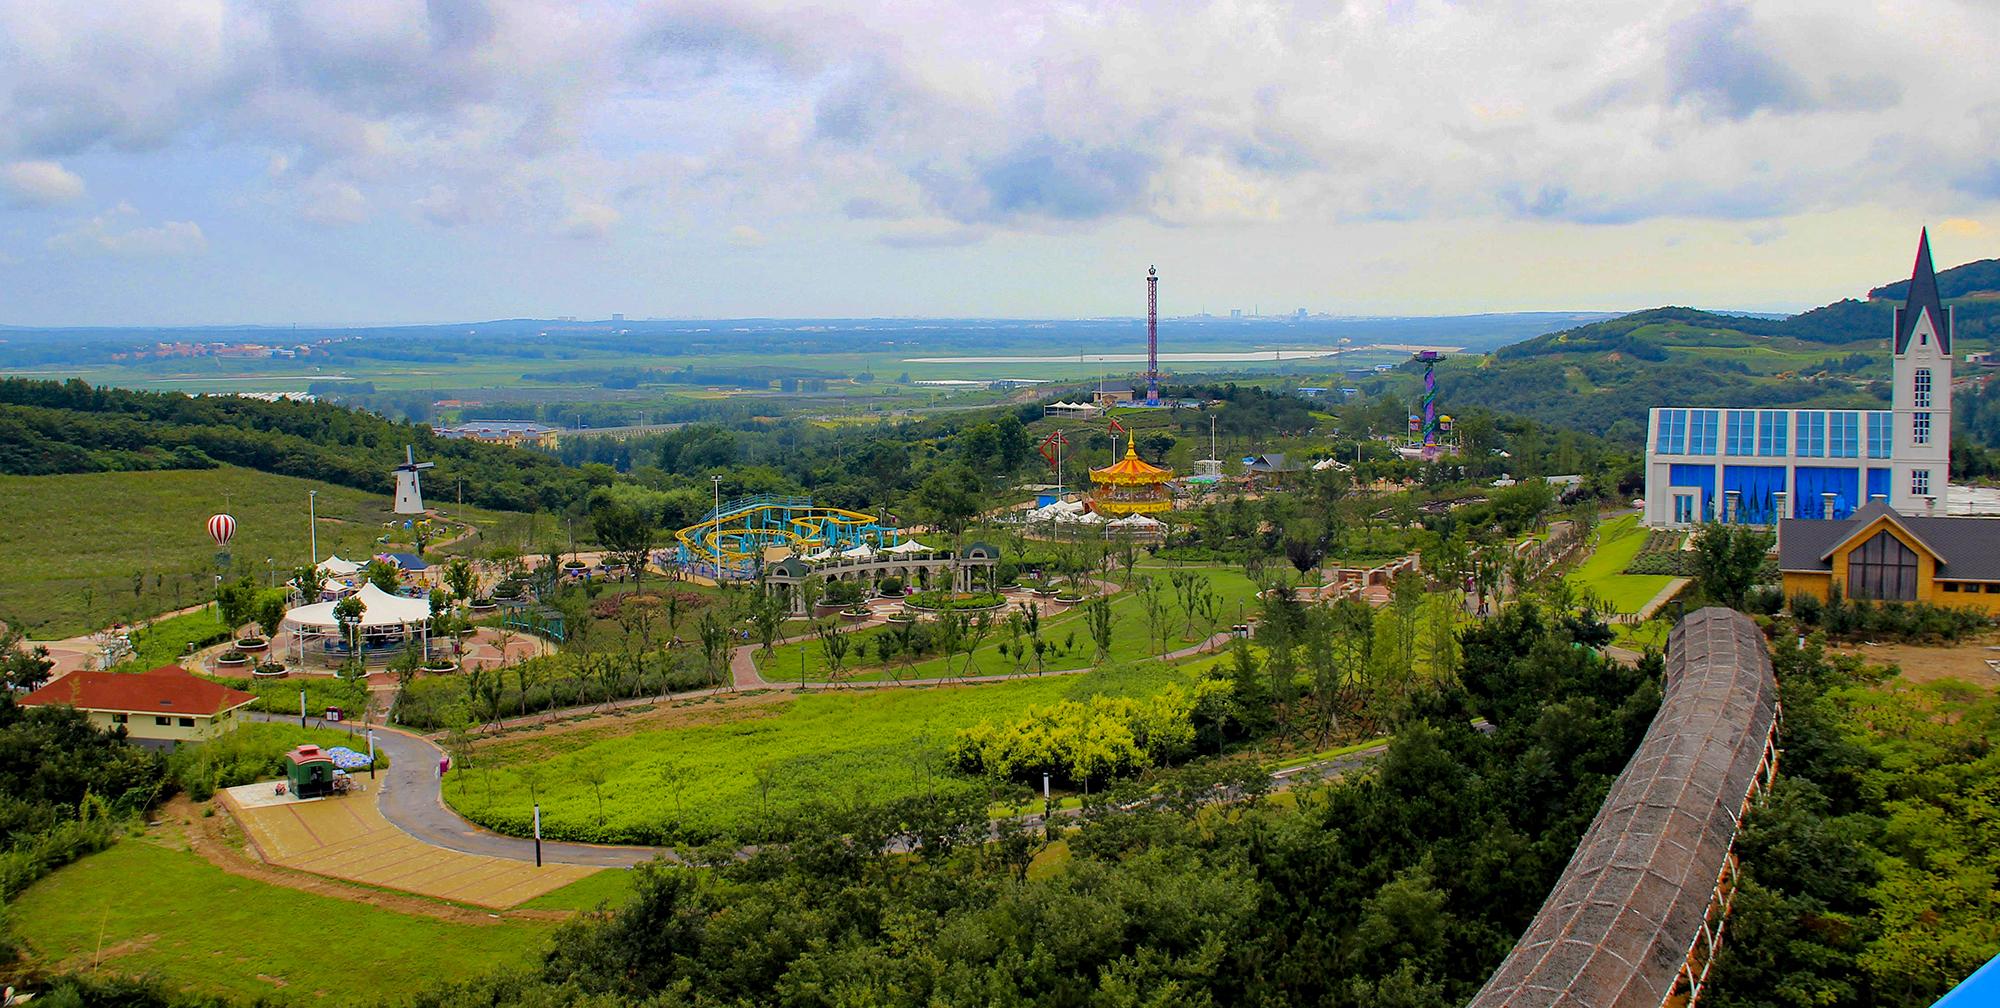 青岛的国家级新区--西海岸新区现已成为青岛旅游休闲度假的新板块.